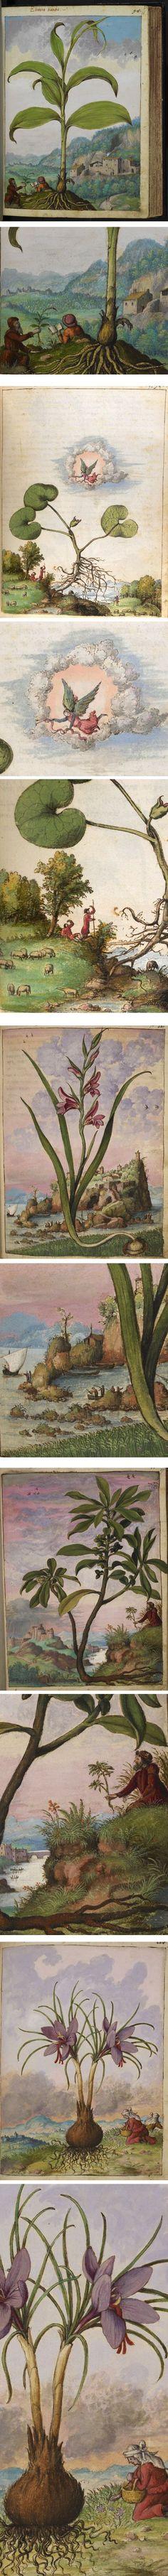 Gherardo Cibo's 16th century watercolor illustrations of medicinal herbs